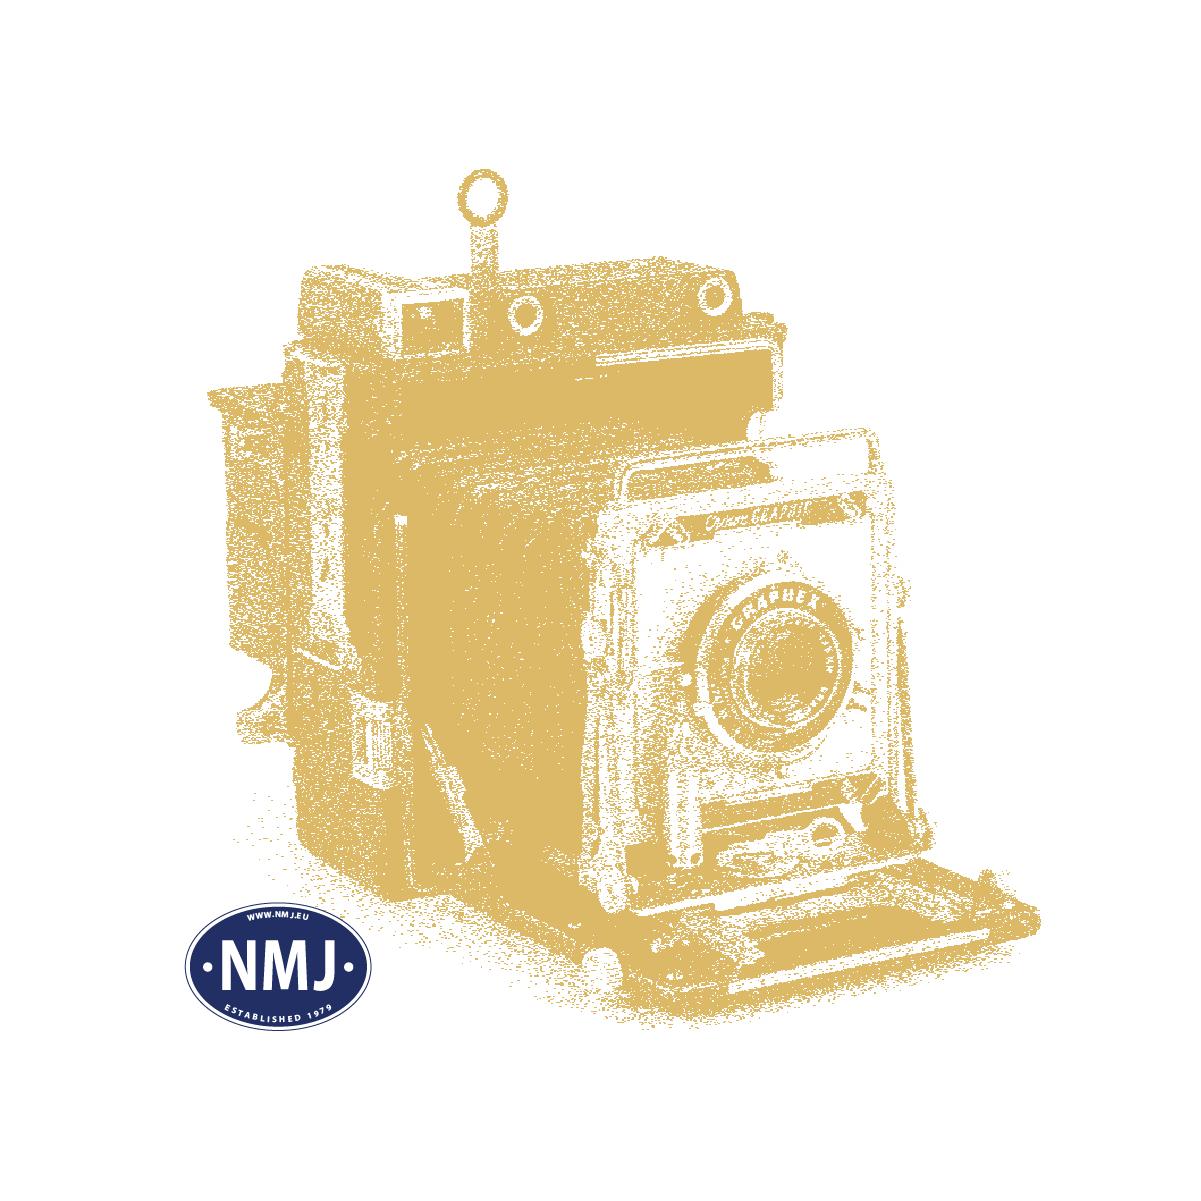 NMJT245401 - NMJ Topline SNCB 204003, 0-Scale, DCC w/ Sound